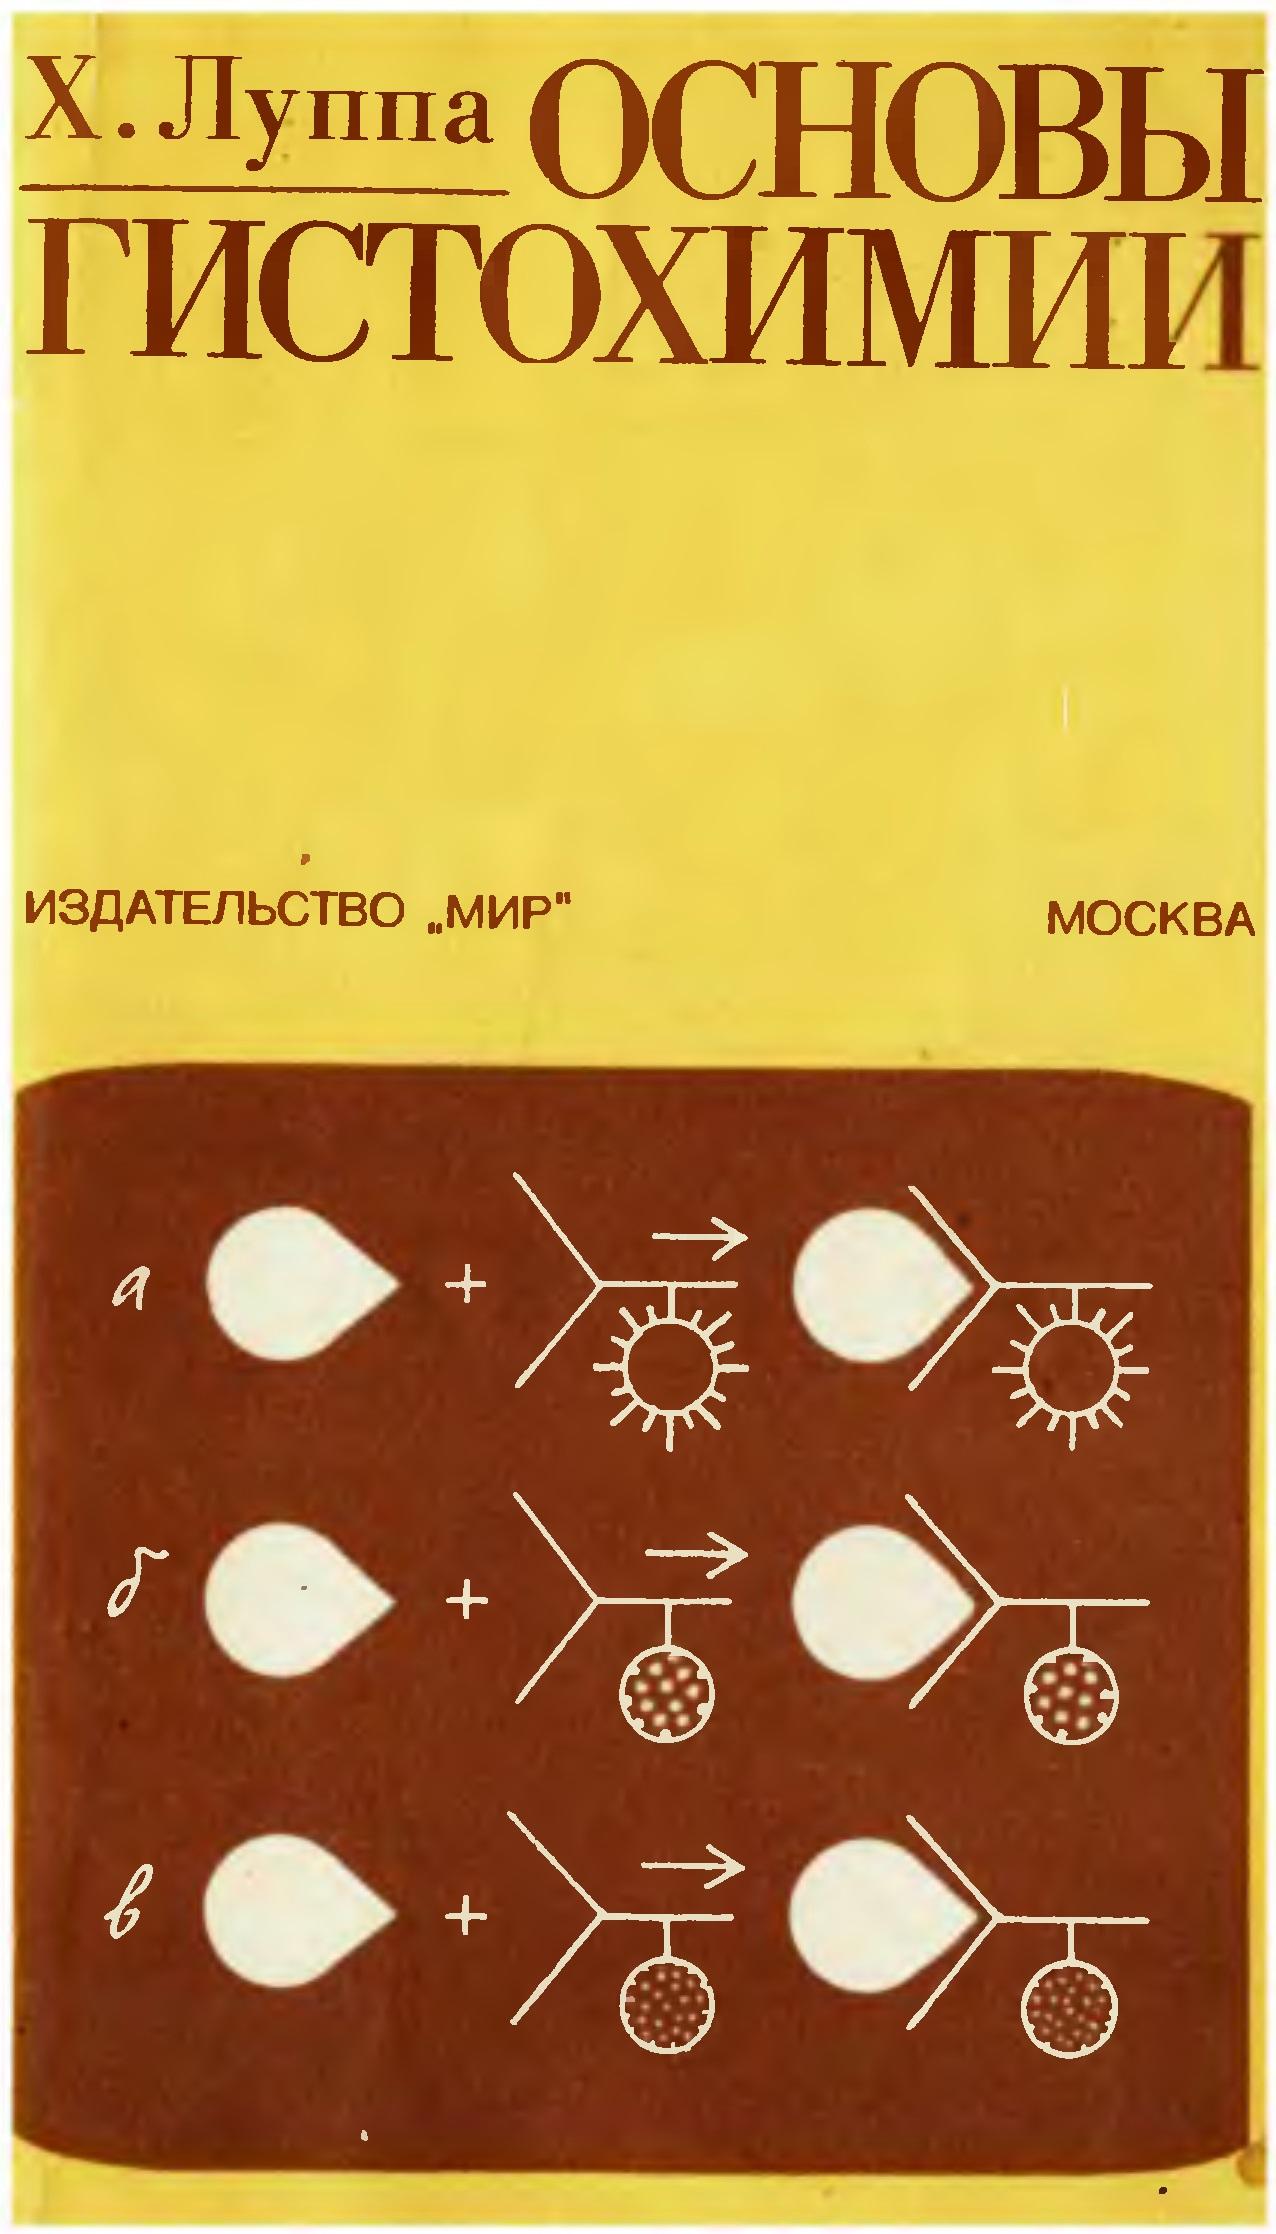 Основы гистохимии, Луппа Х., 1980